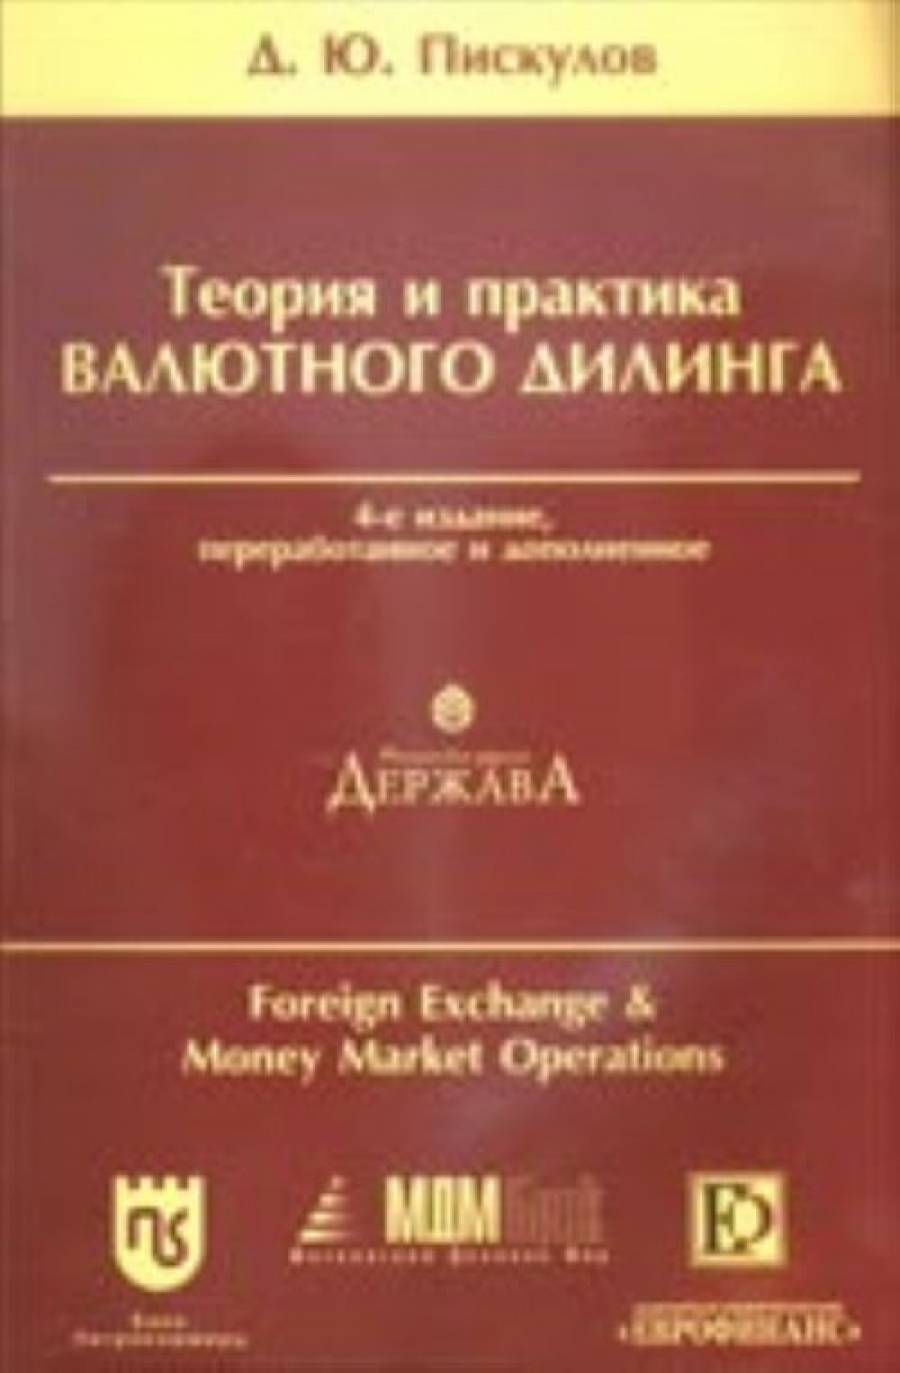 Обложка книги:  д. ю. пискулов - теория и практика валютного дилинга